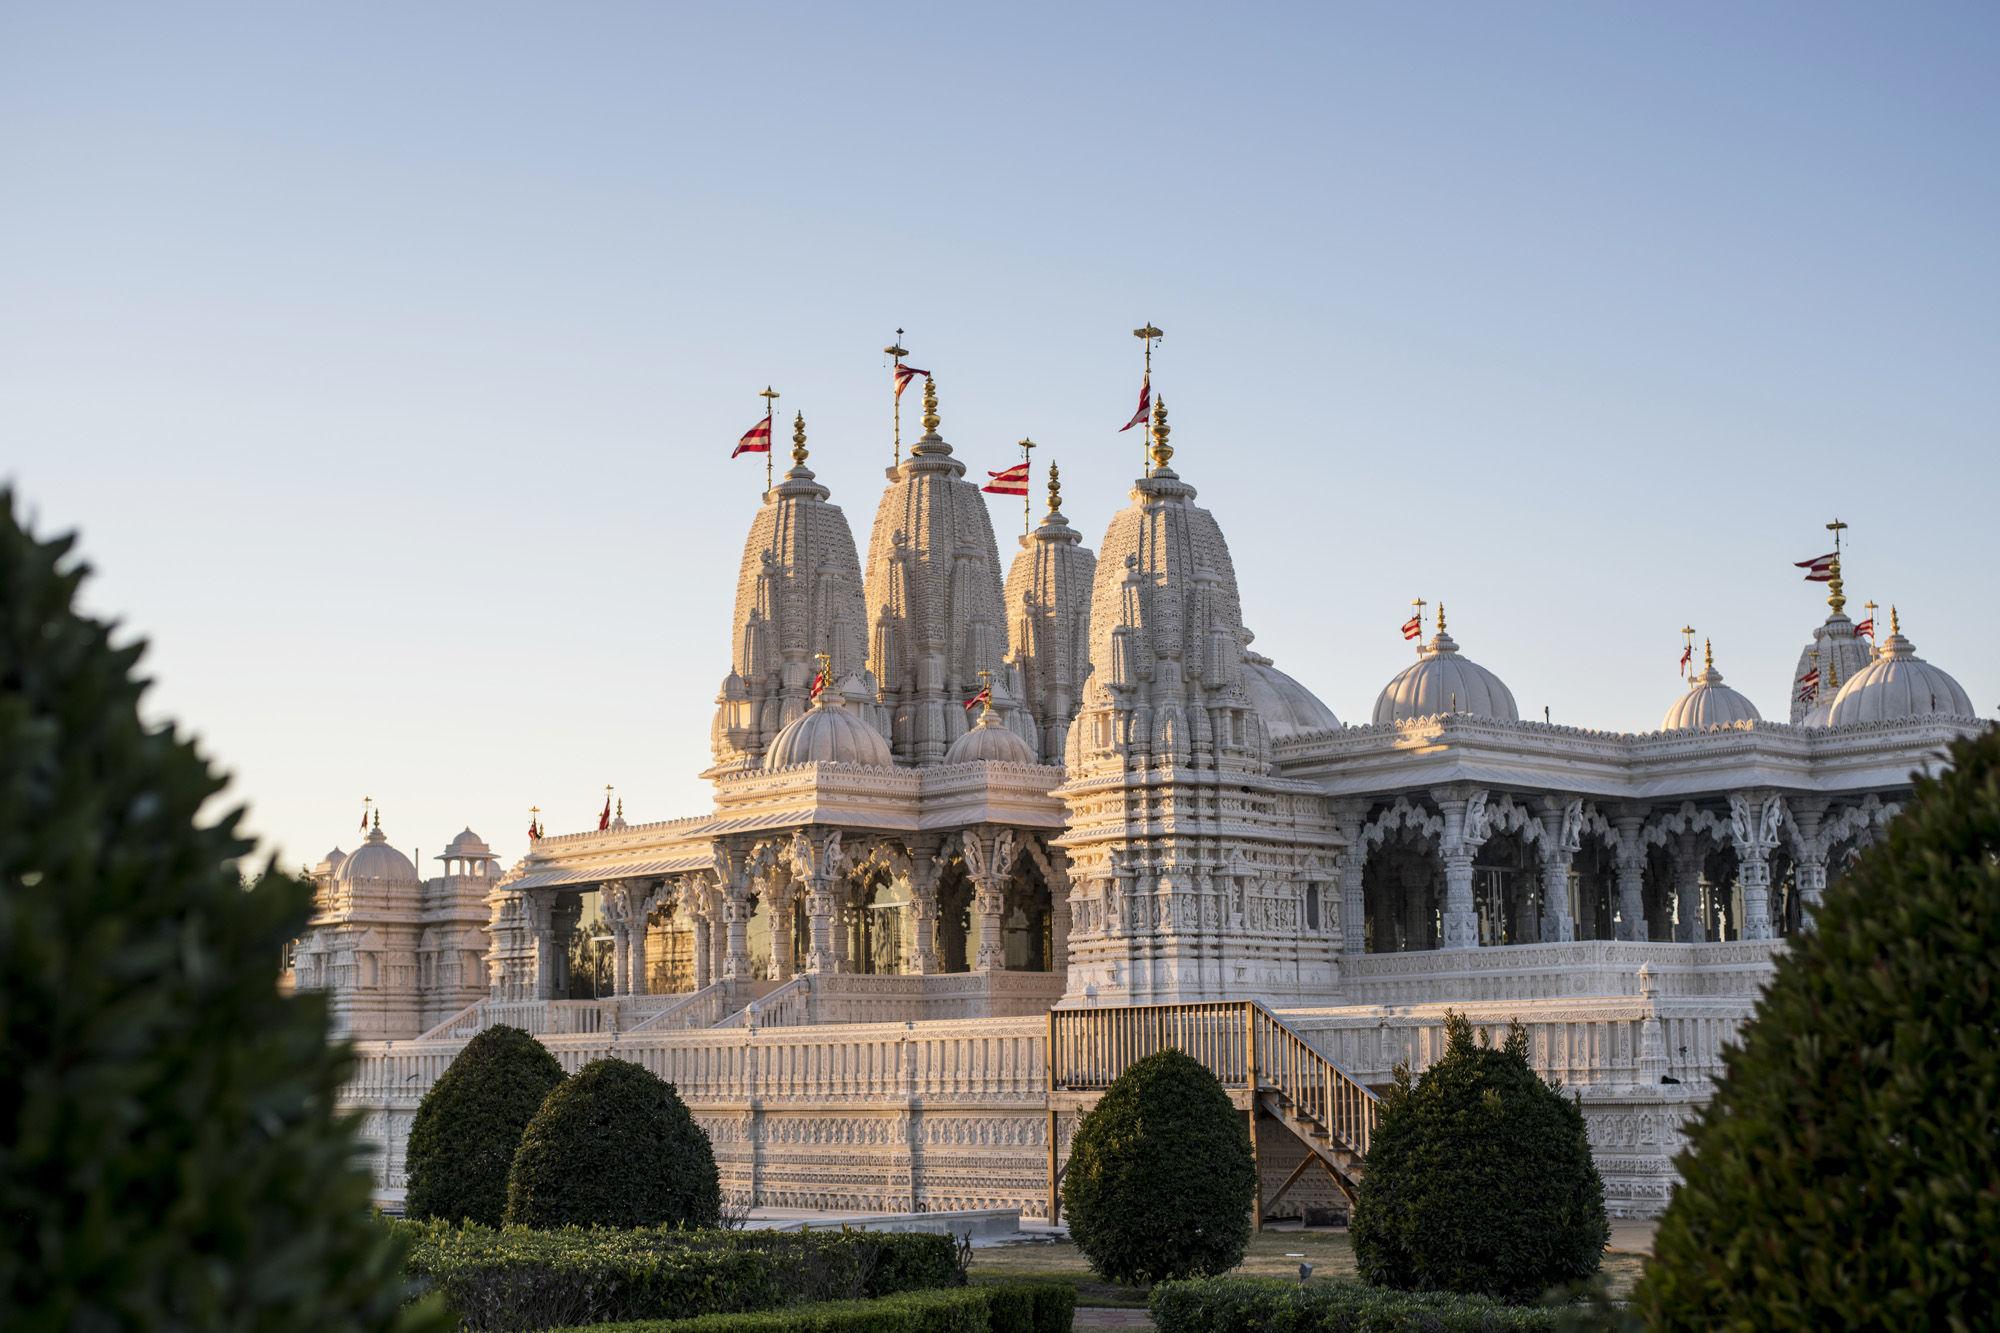 Shri swaminarayan mandir 012 ynf0ya